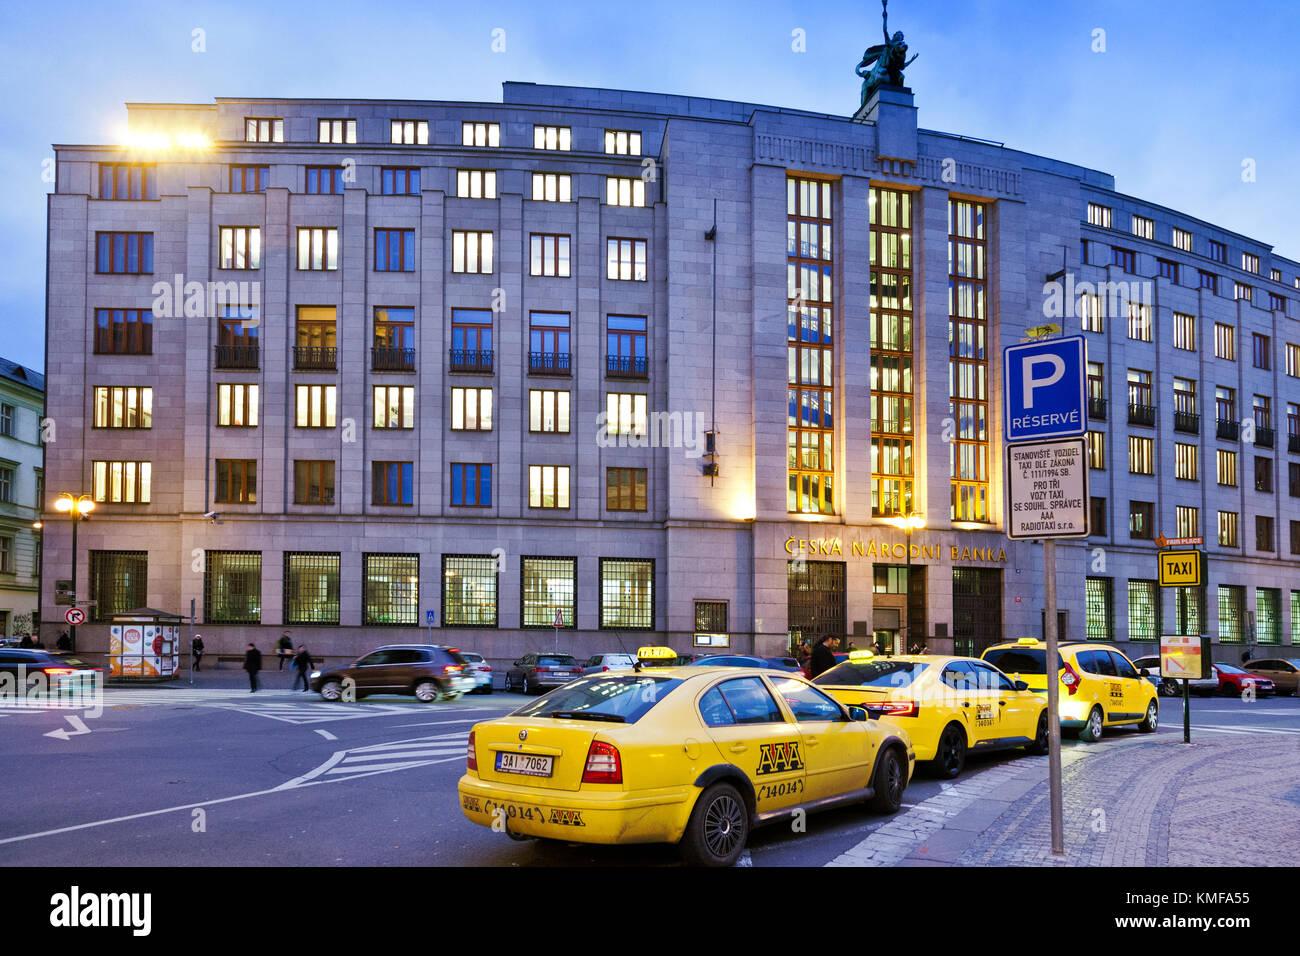 ČNB - Česká národní banka, Namesti Republiky, Stare Mesto, Praha, Ceska republika / CNB - Czech national bank, Prikopy, Prague, Czech republic Stock Photo